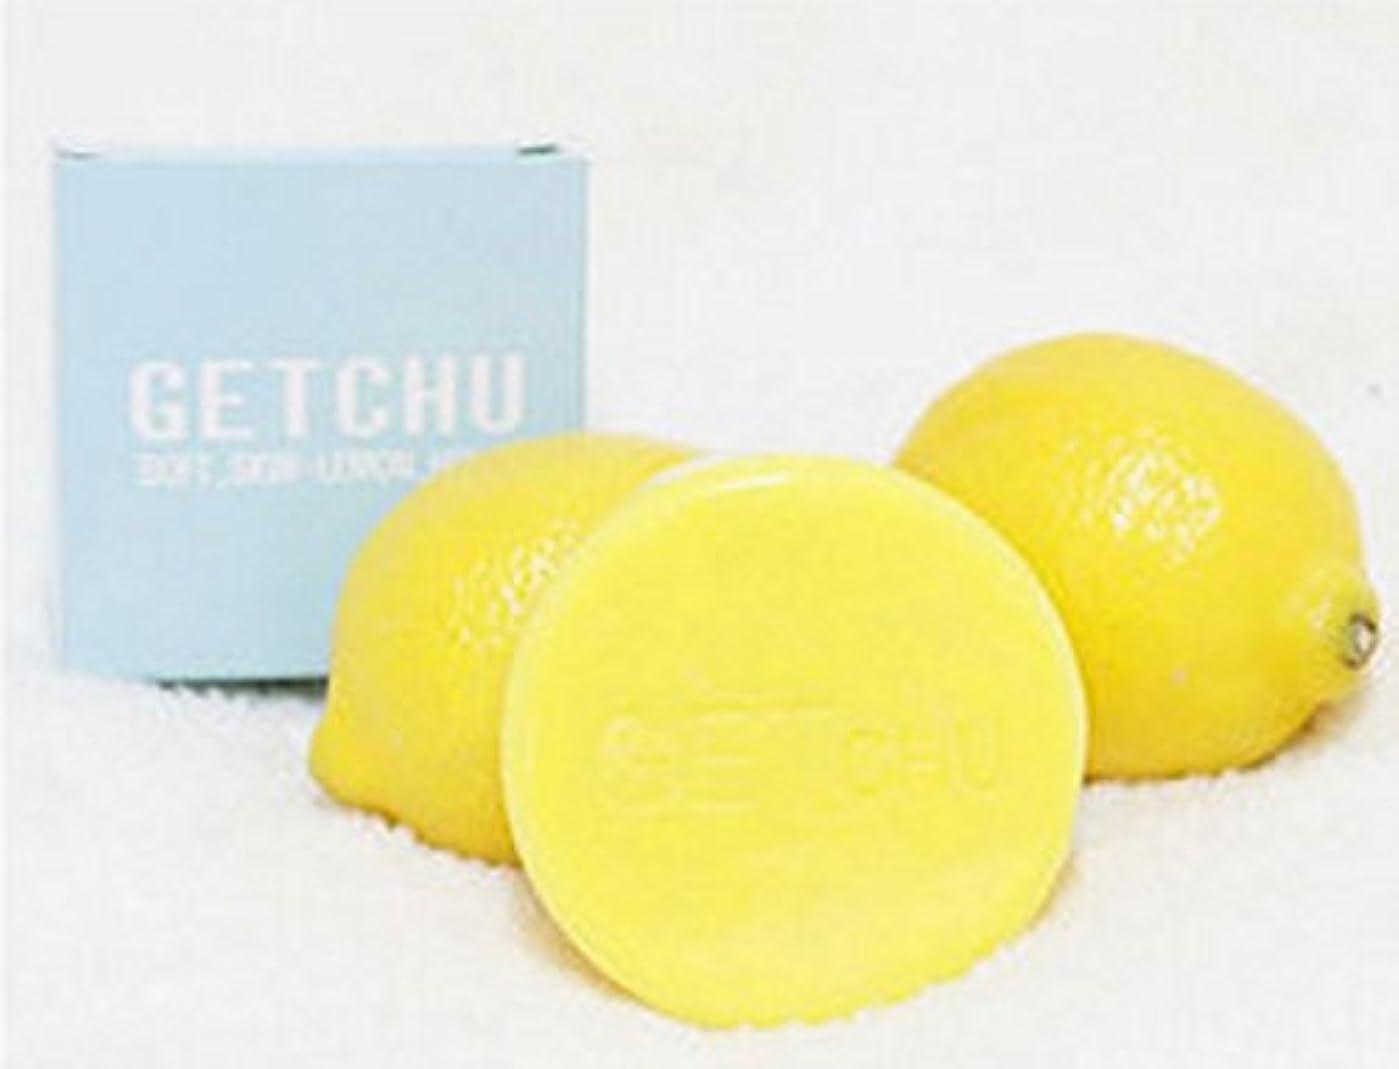 鷲スリラー補助金[ソフト スキン ] ゲット ズ- (Get Chu) レモンソープ 石鹼 , 美白 泡洗顔料, ユギノン レモンの成分 ホワイトニング効果/ バブル網 贈呈 [海外直送品]